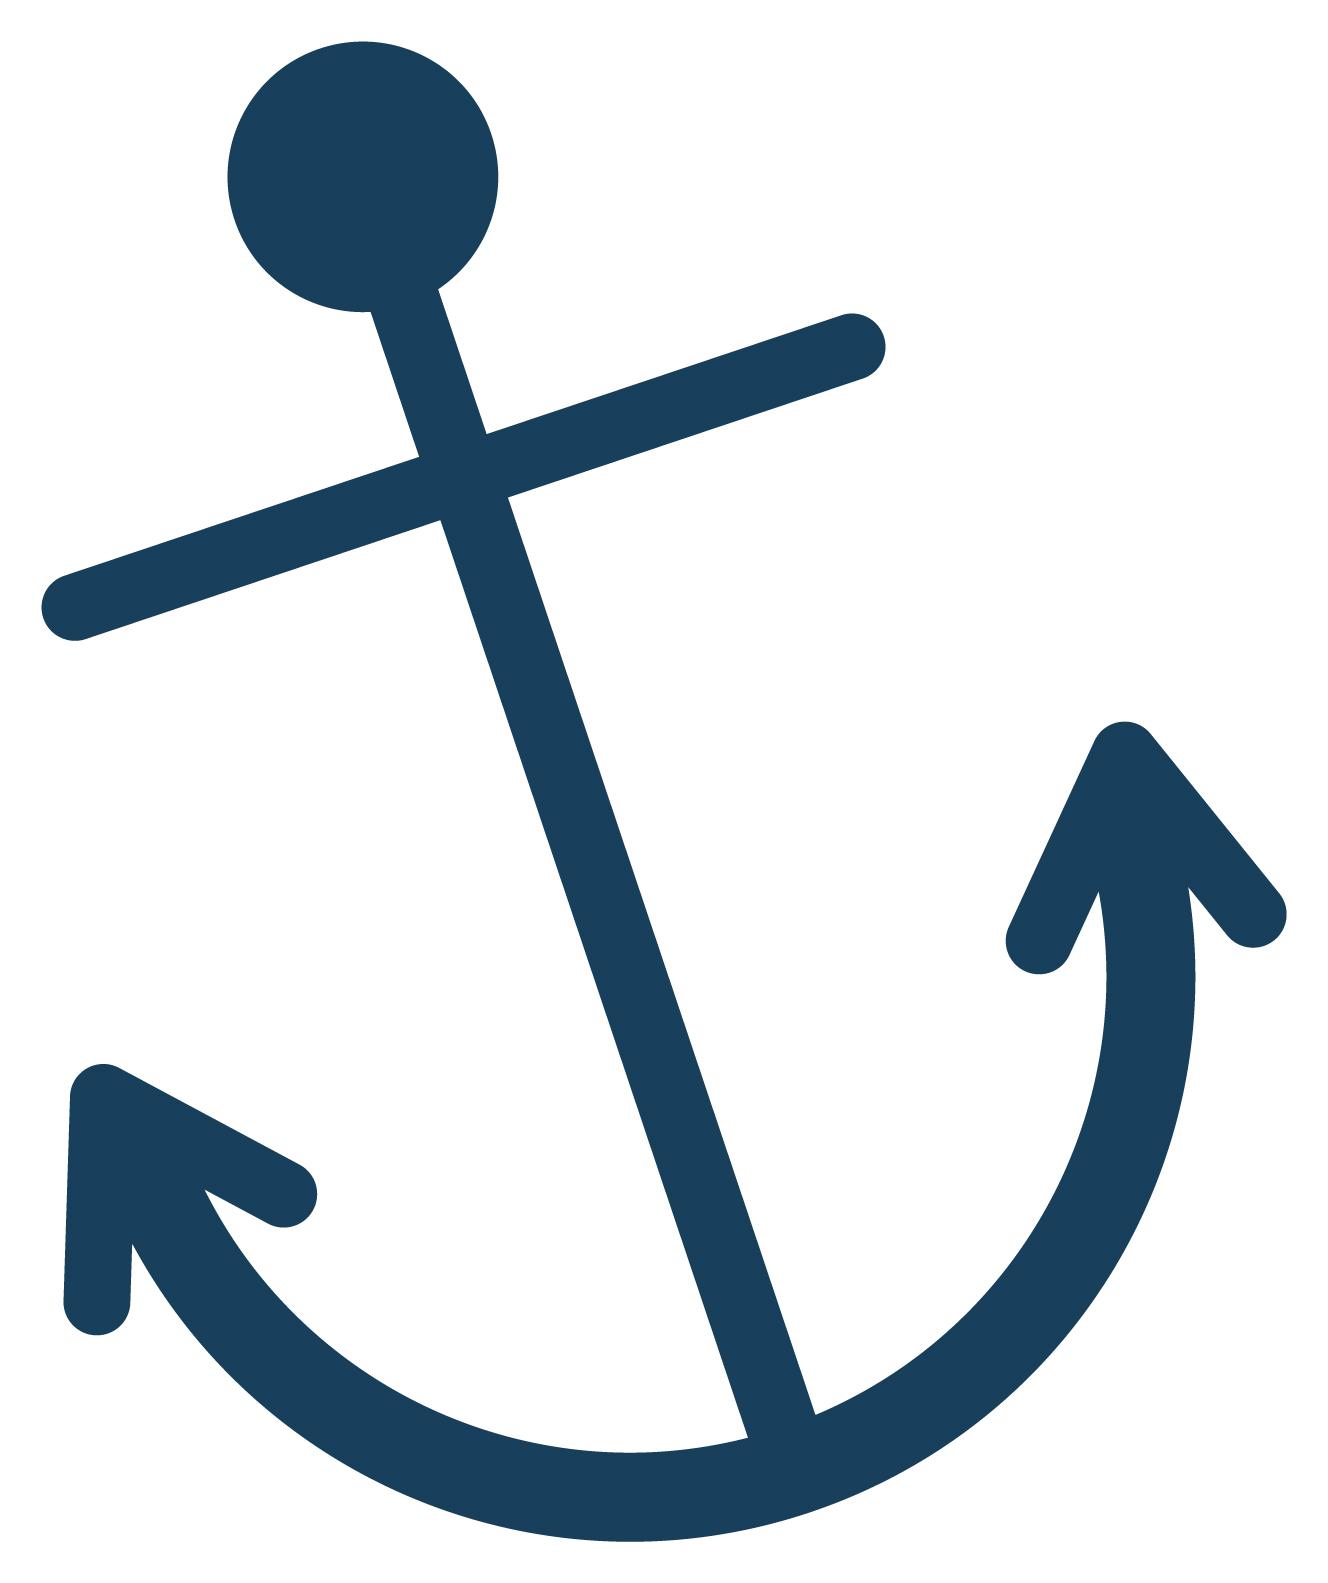 Navy Anchor Clipart.